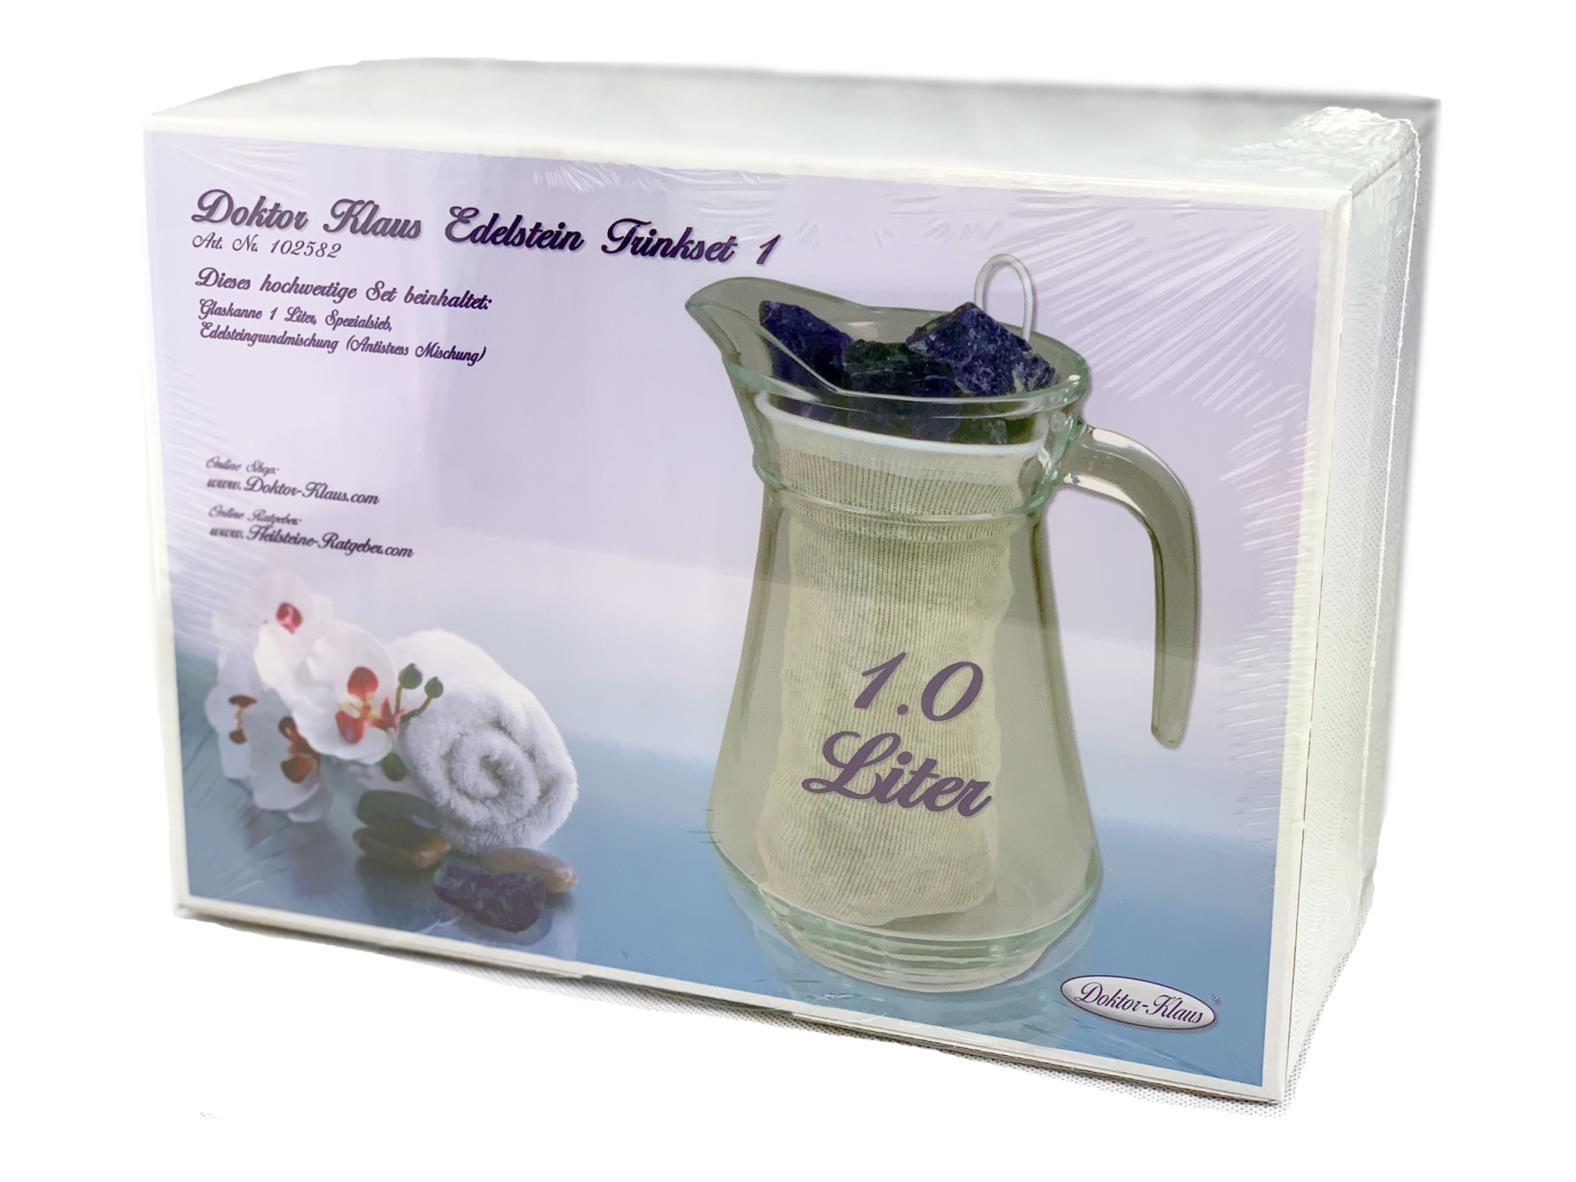 Doktor Klaus Edelstein / Wasserstein Trinkset (Glaskanne + Trinkglas + 250g Edelsteinmischung)